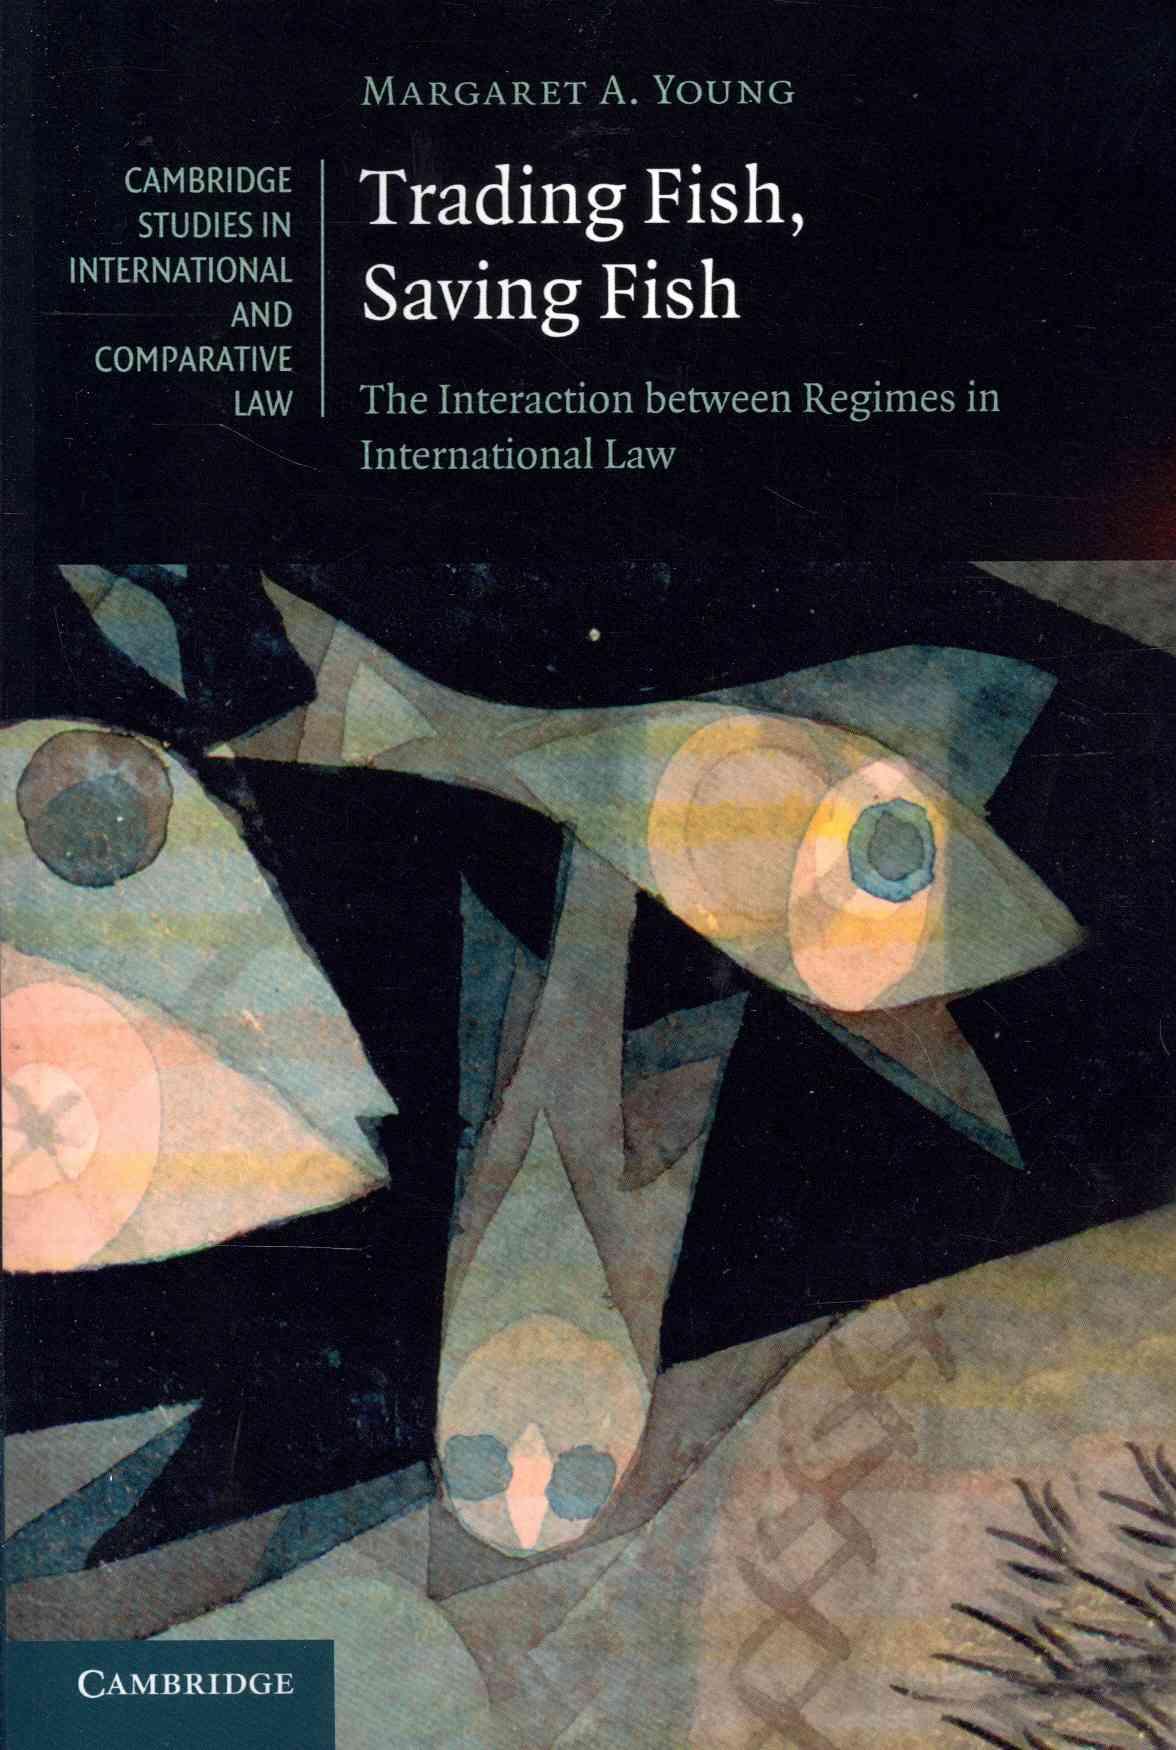 Trading Fish, Saving Fish